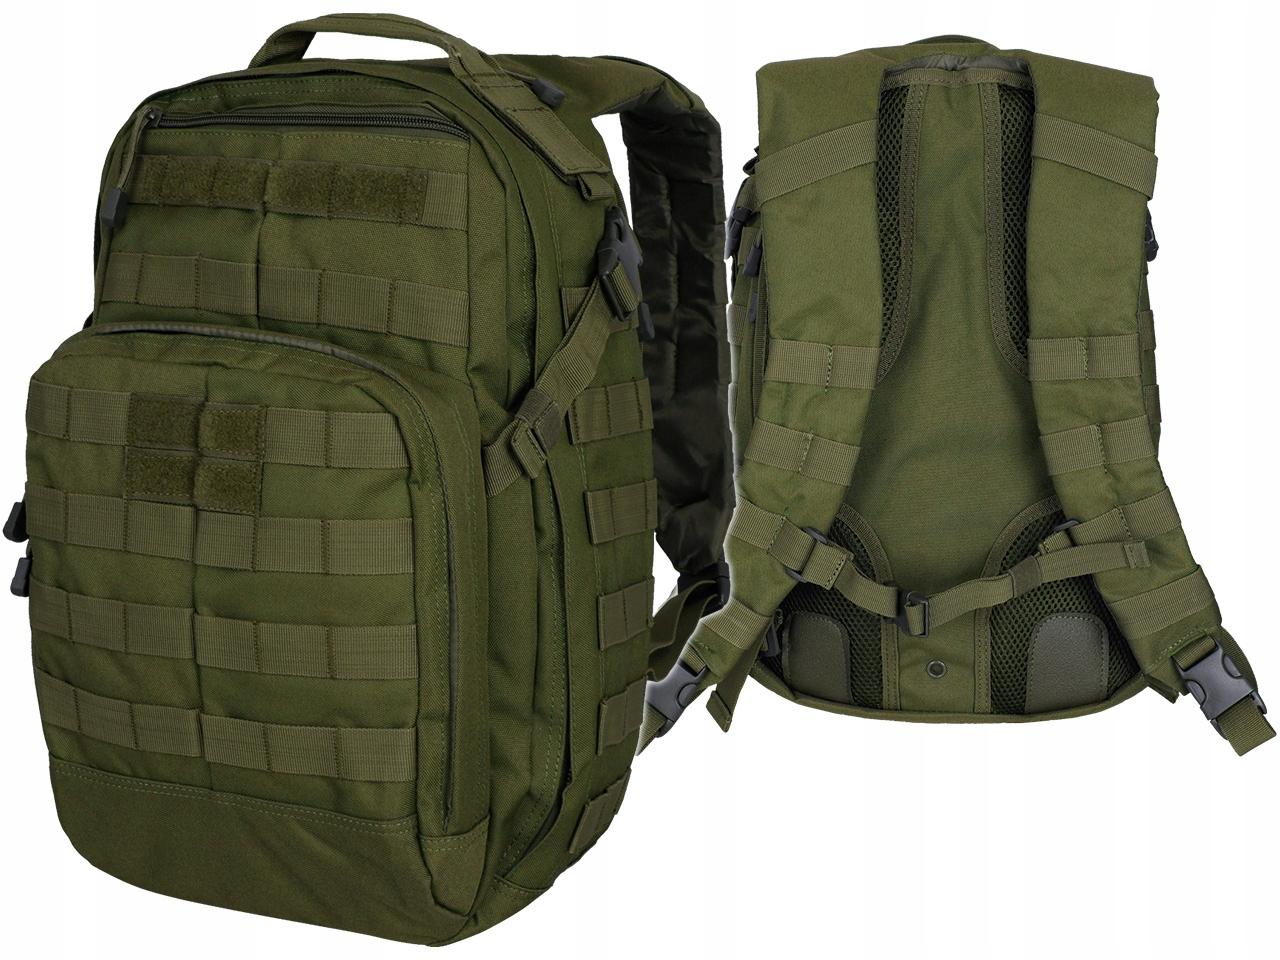 GFC Plecak Taktyczny Wojskowy EDC 25 Oliv Green